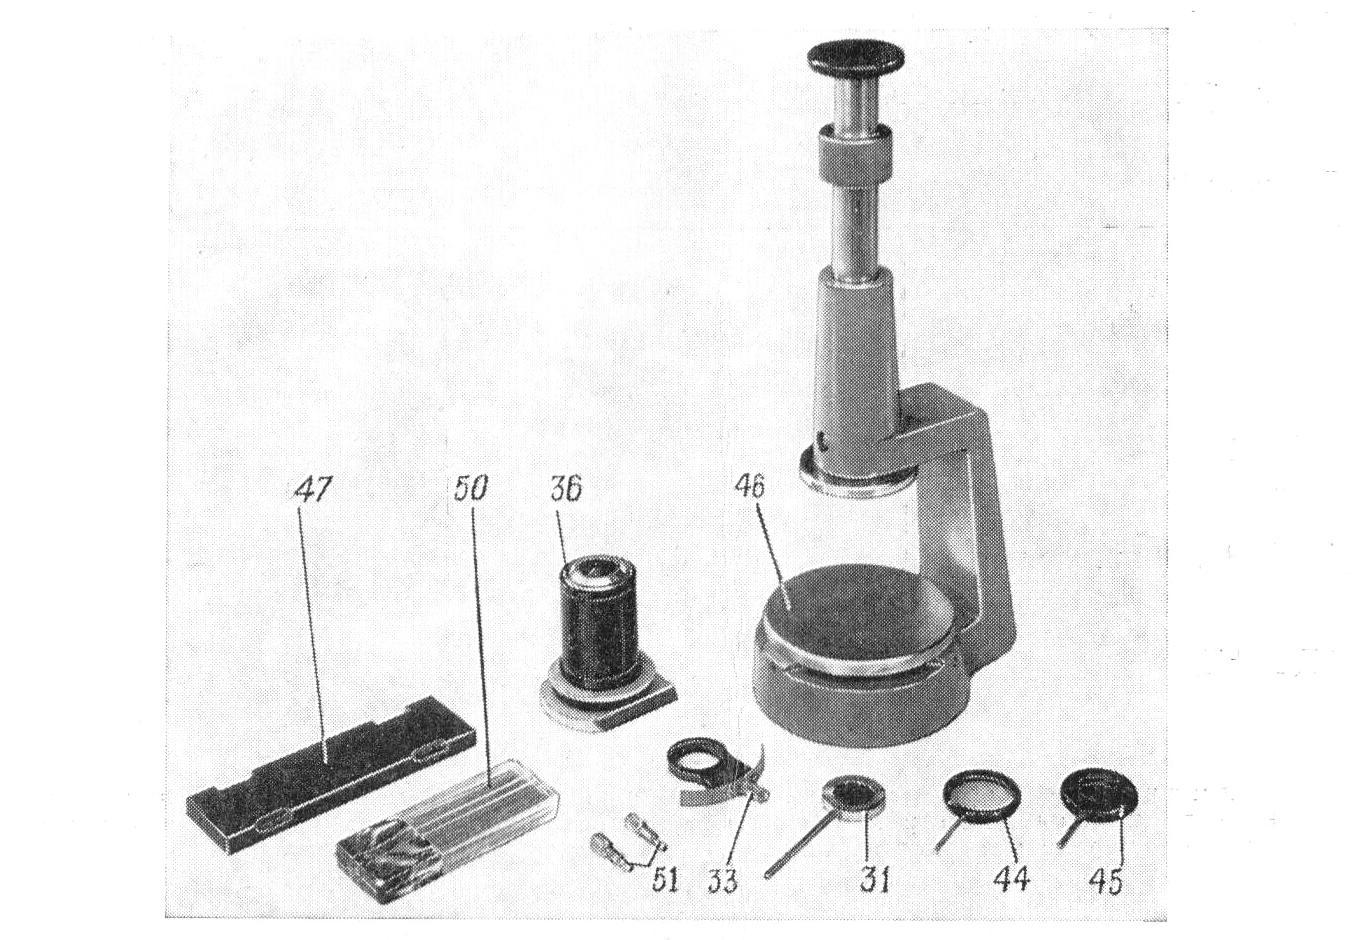 микроскоп метам-р1 рис. 4